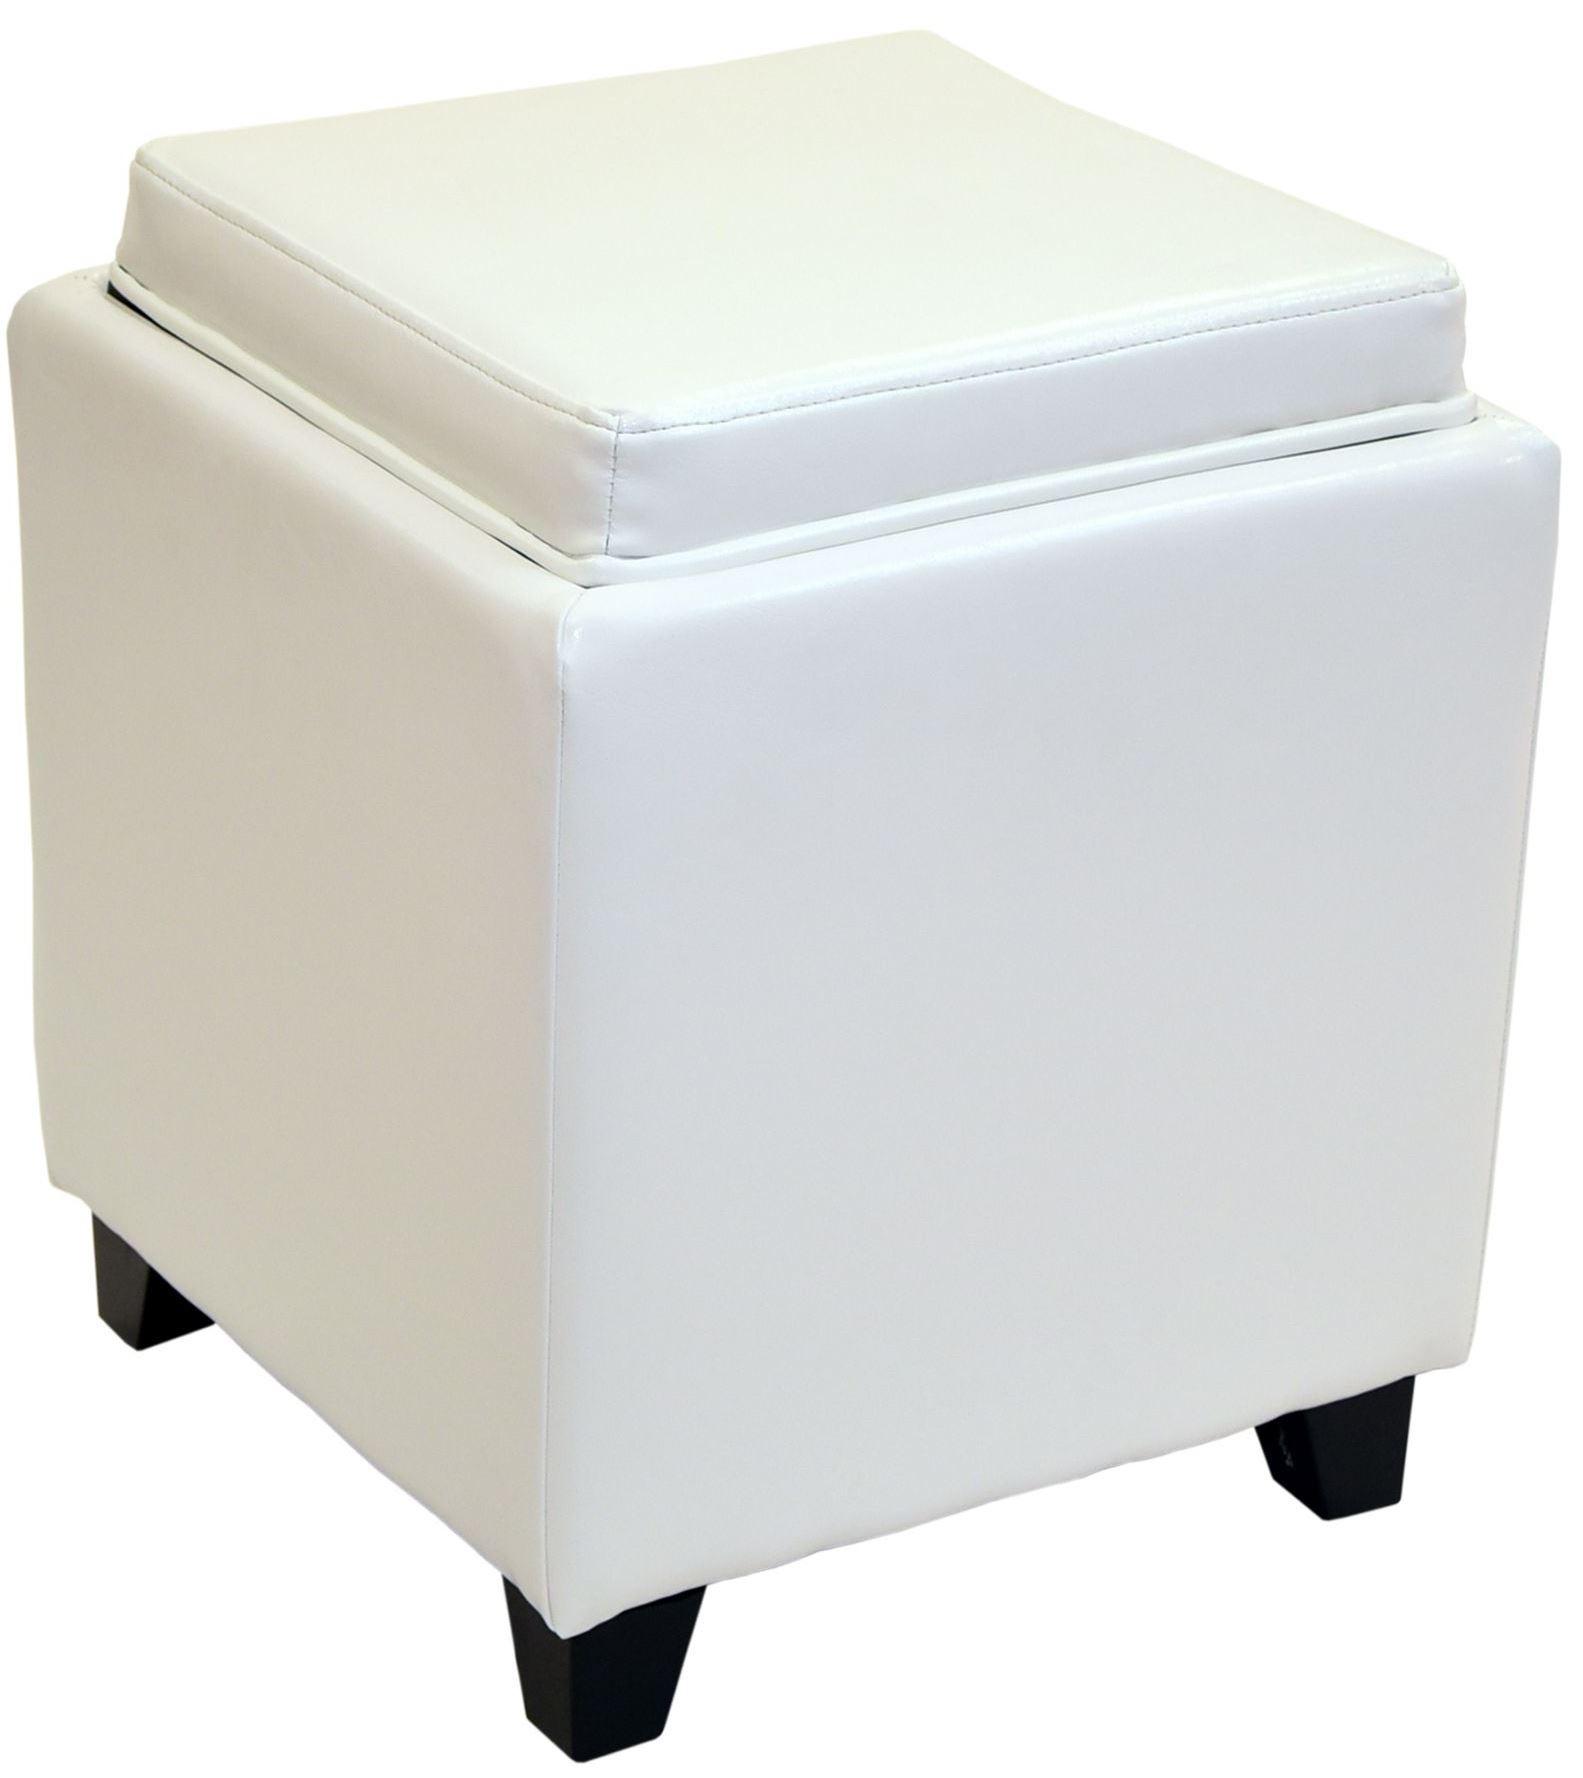 Rainbow white bonded leather storage ottoman with tray for Ottoman with tray and storage